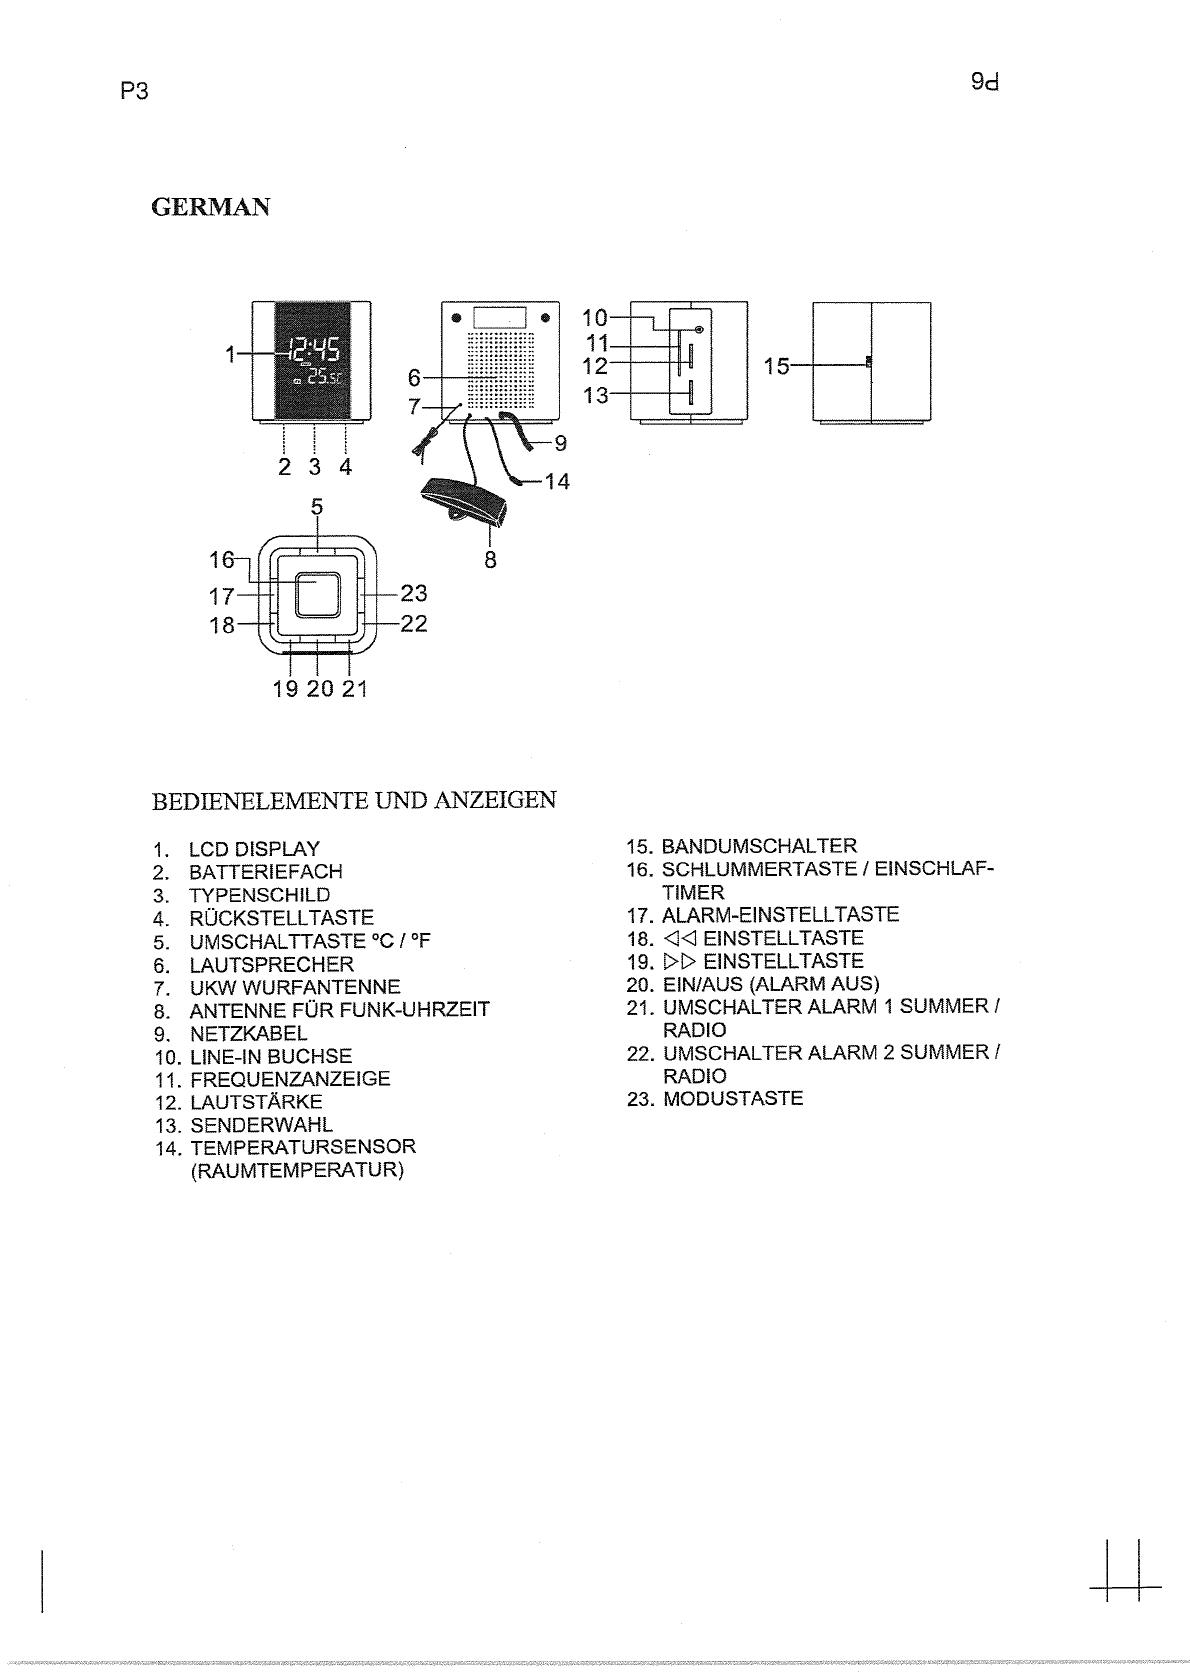 Wunderbar Umschalter Symbol Bilder - Schaltplan Serie Circuit ...